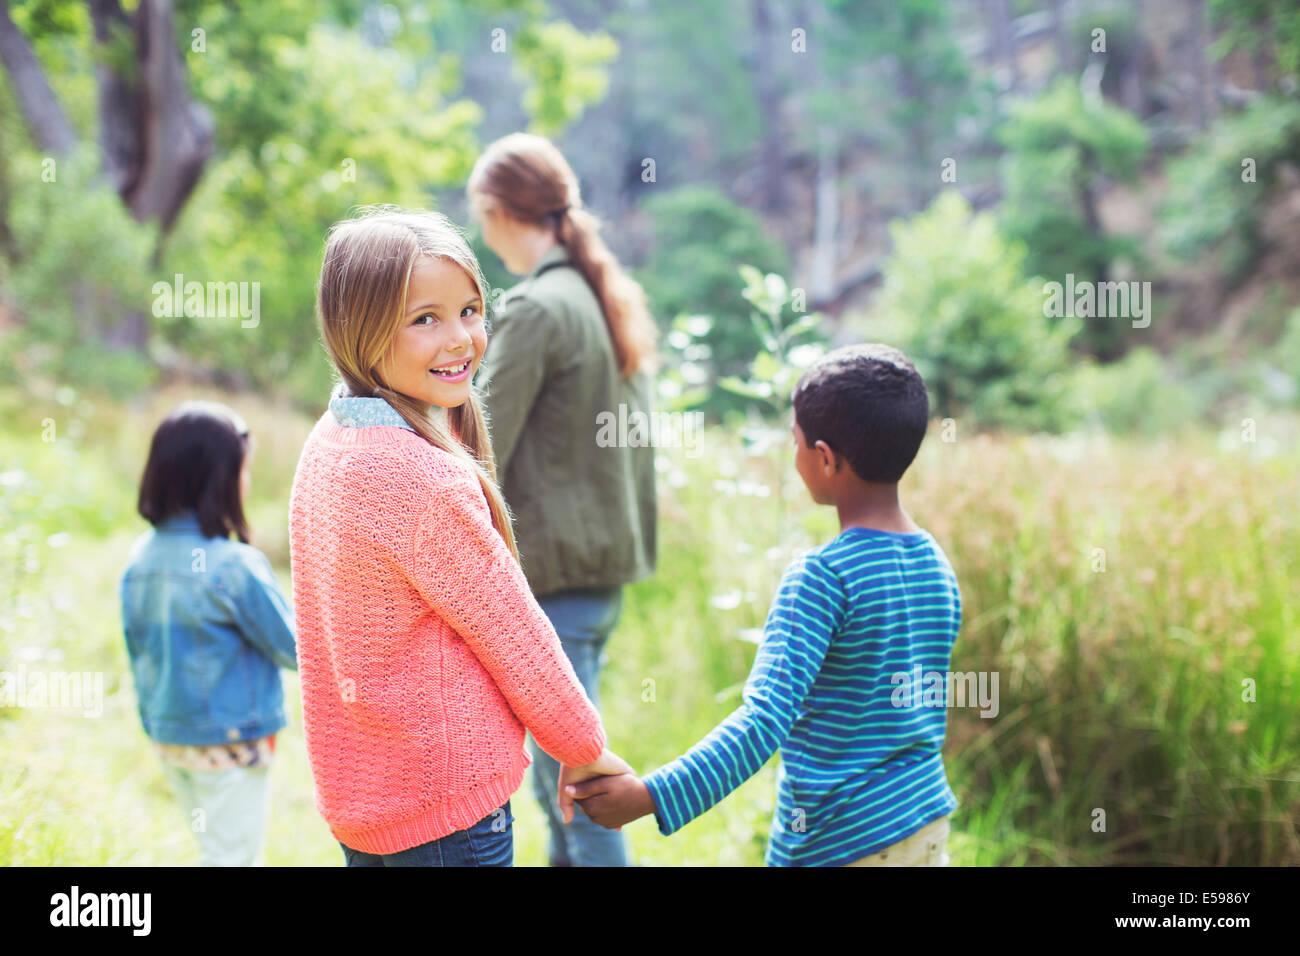 Los niños tomados de las manos en el campo Imagen De Stock